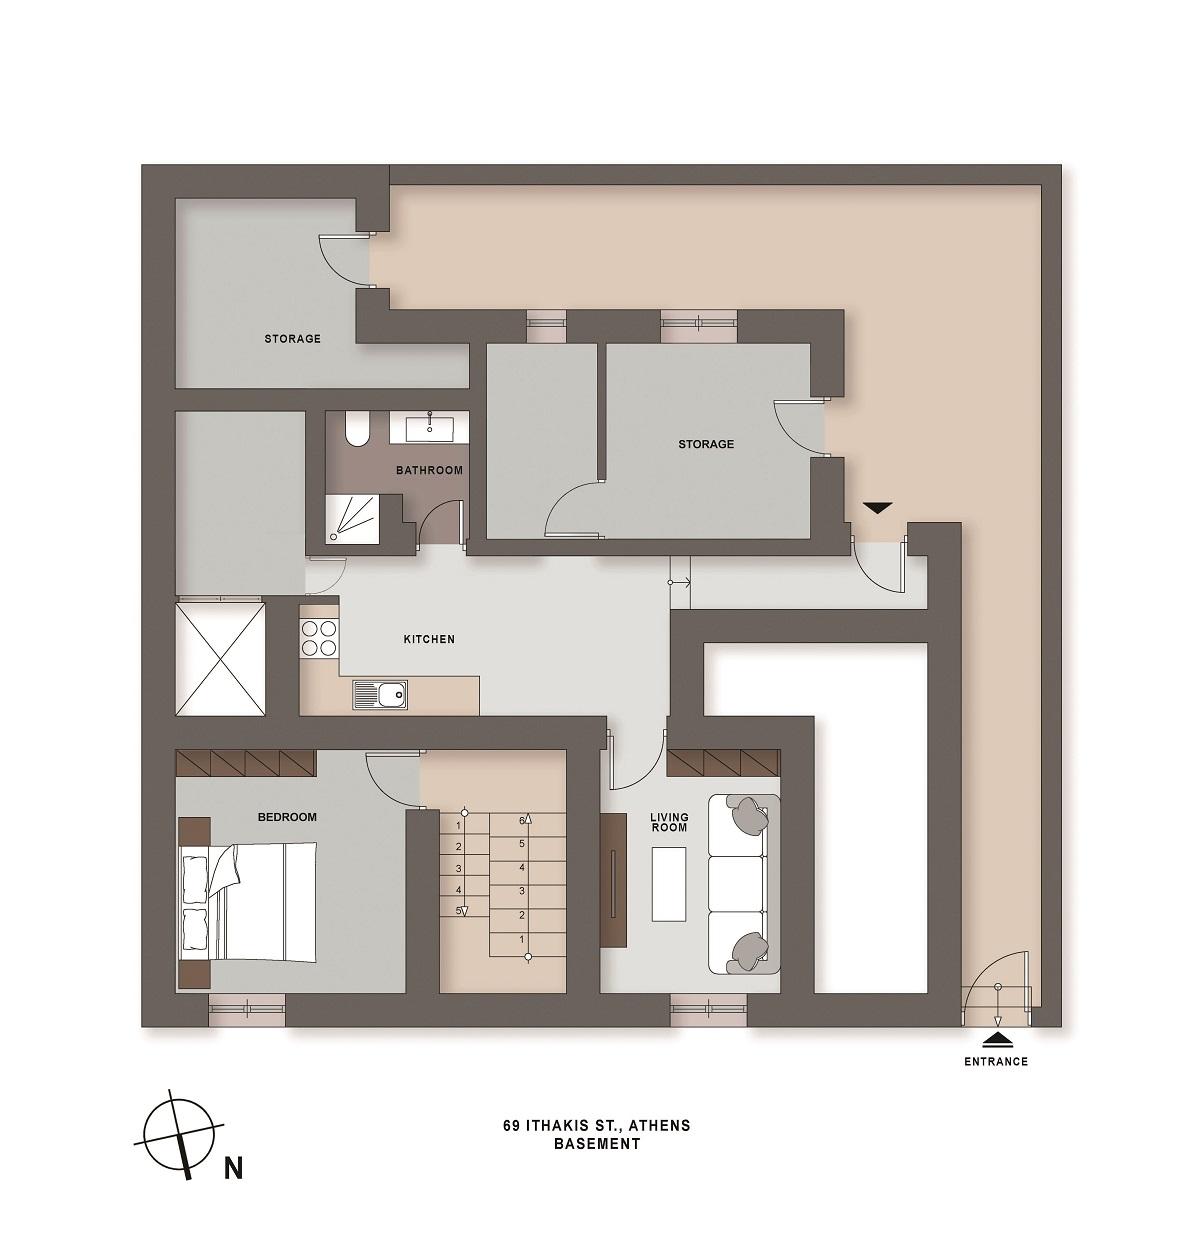 Ithakis 69 basement plan